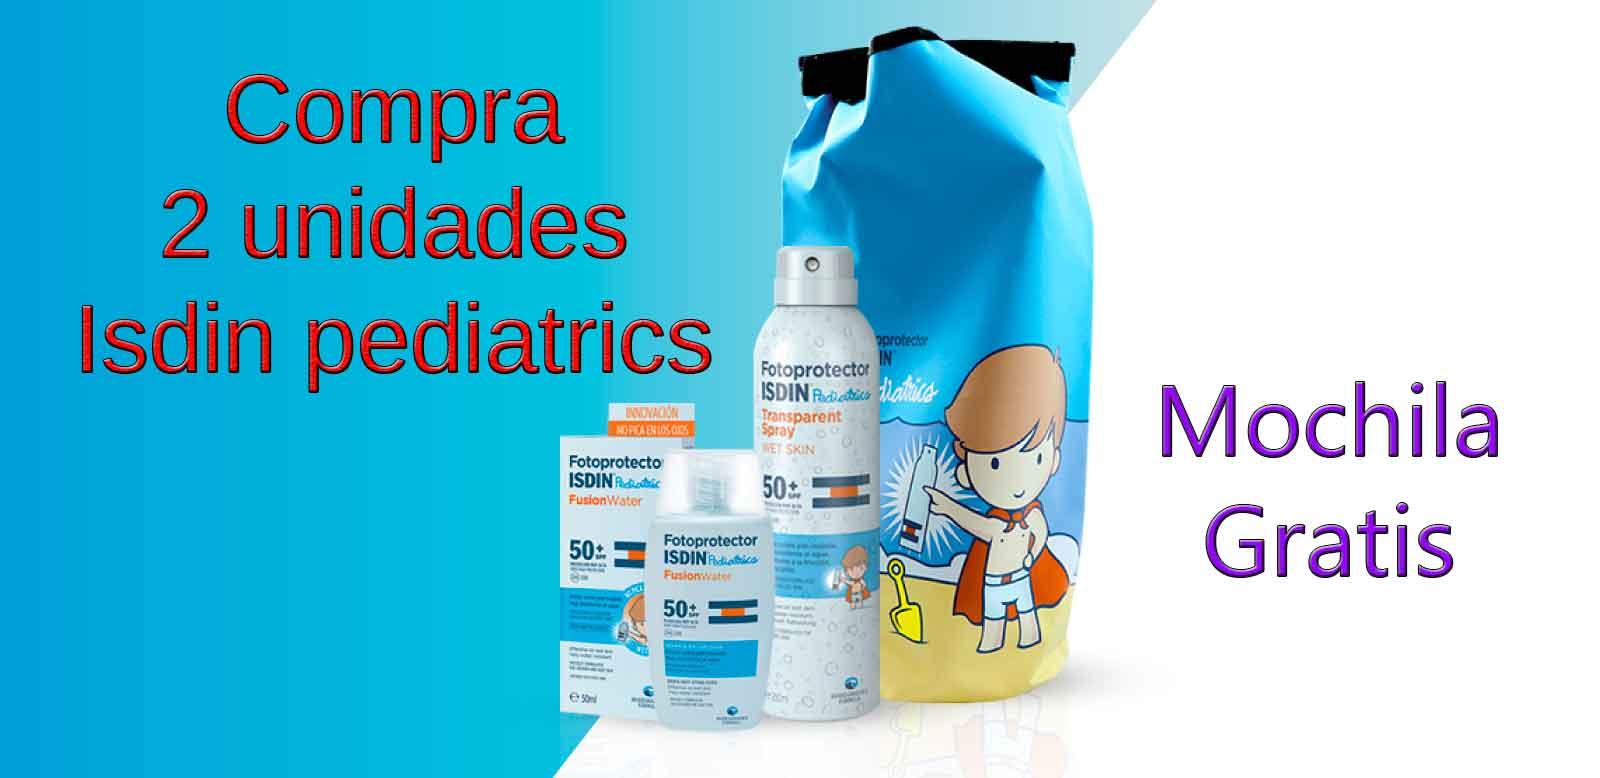 isdin-pediatrics-mochila-gratis.jpg